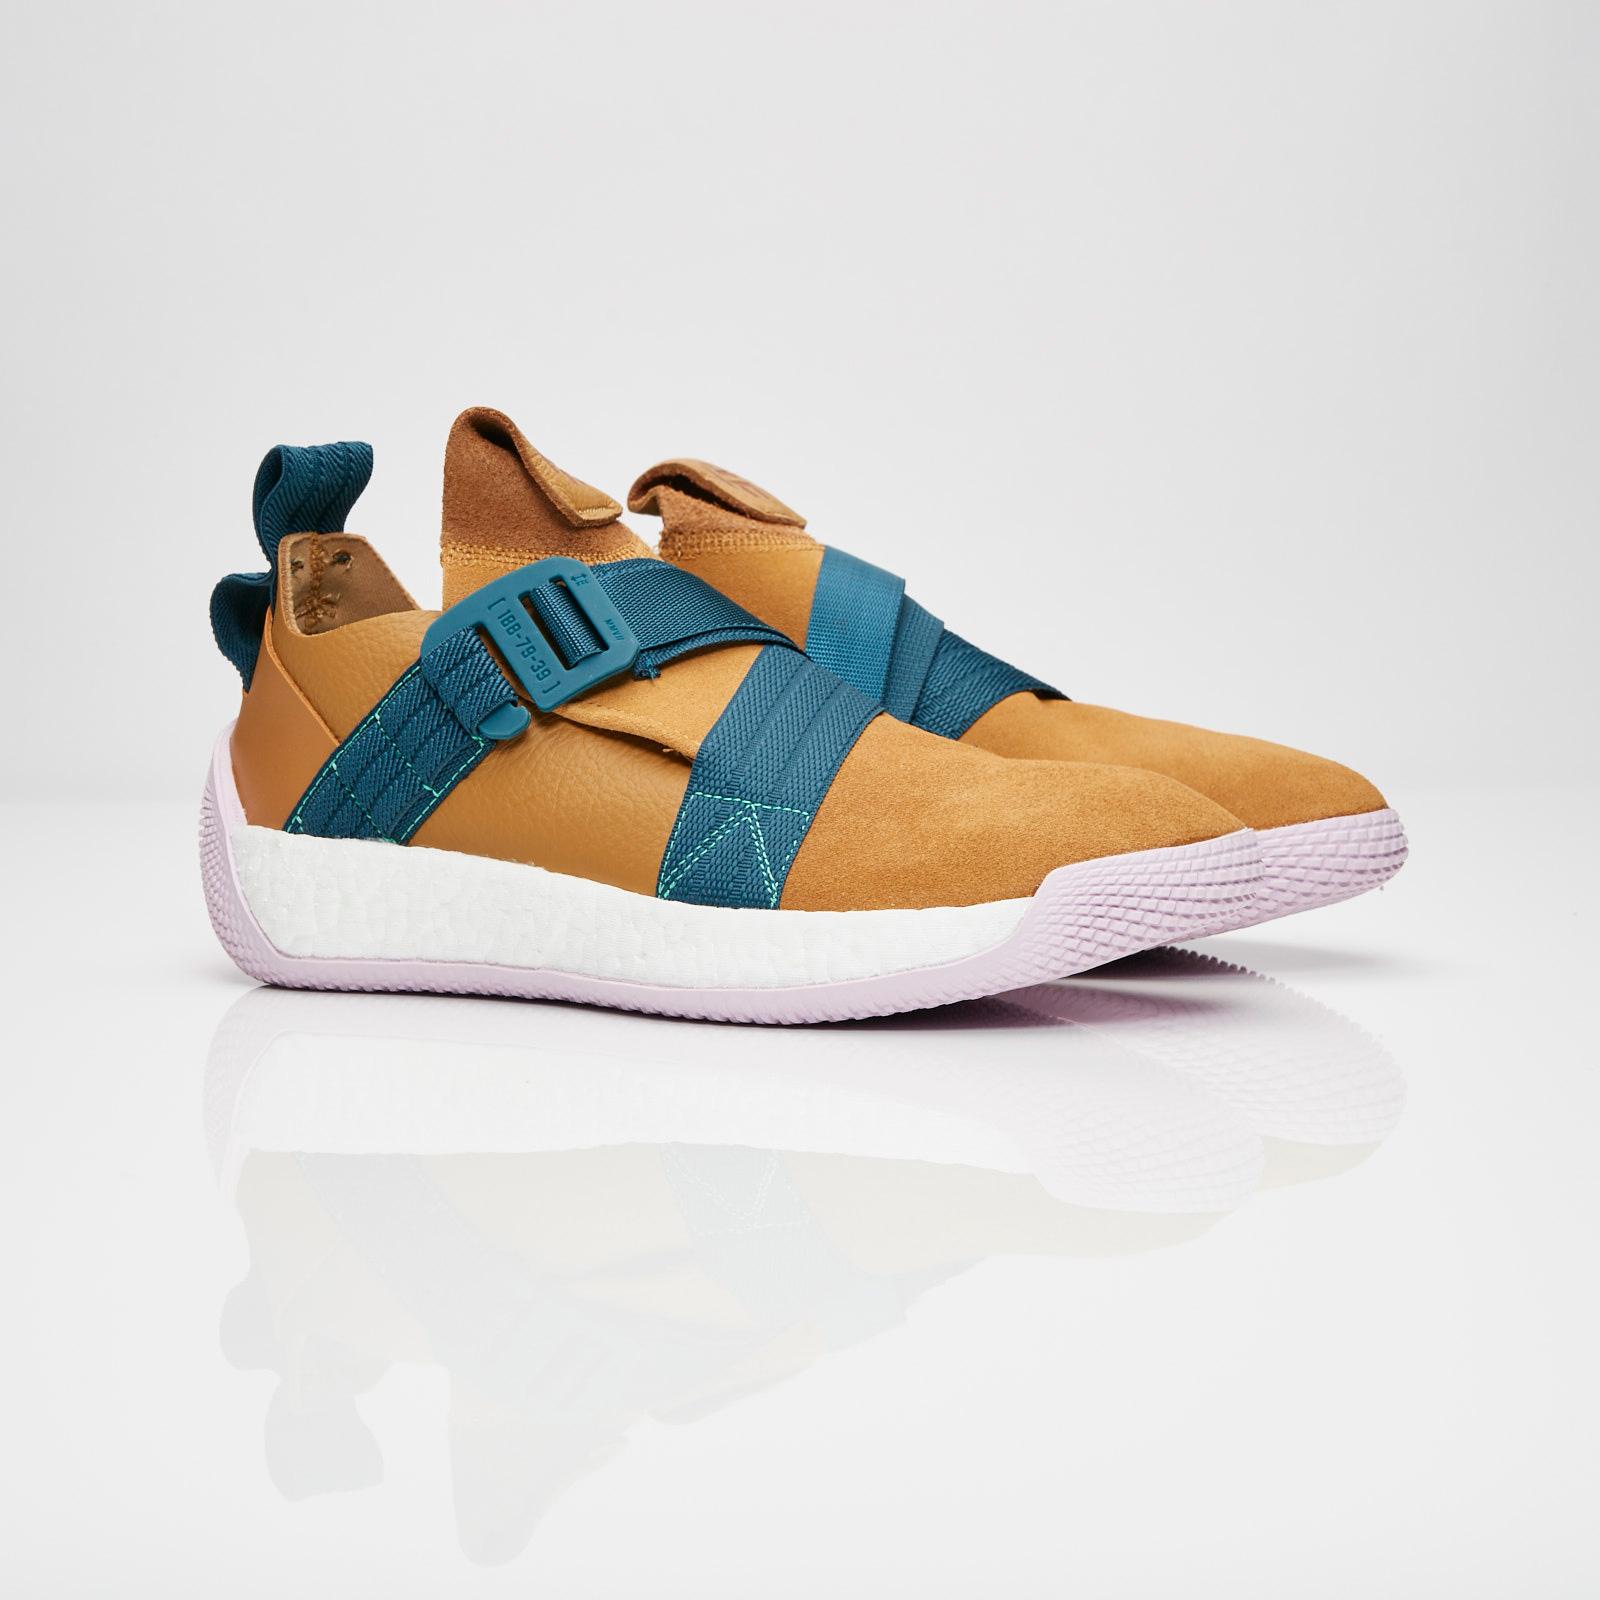 Adidas Rucksack Blau 3S Performance Unisex Lifestyle Sale